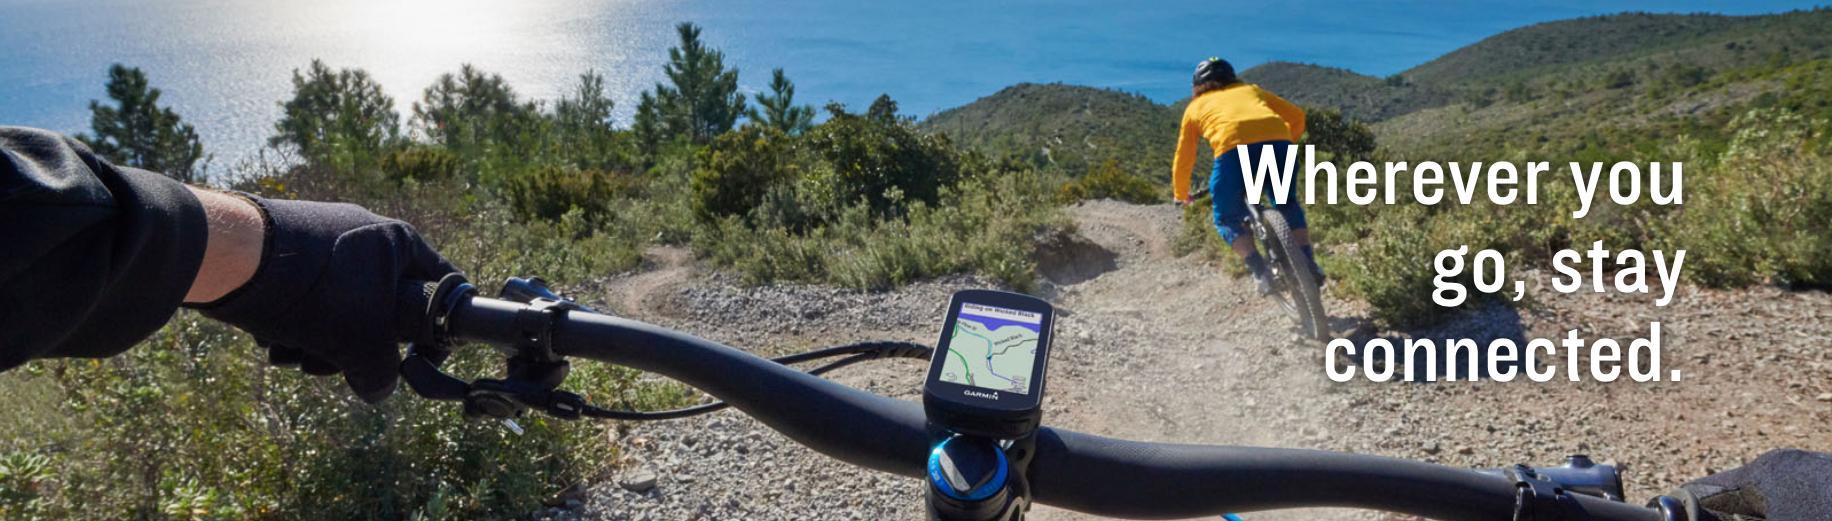 Garmin Edge 830 Cycling Computer - Mountain Bike Bundle